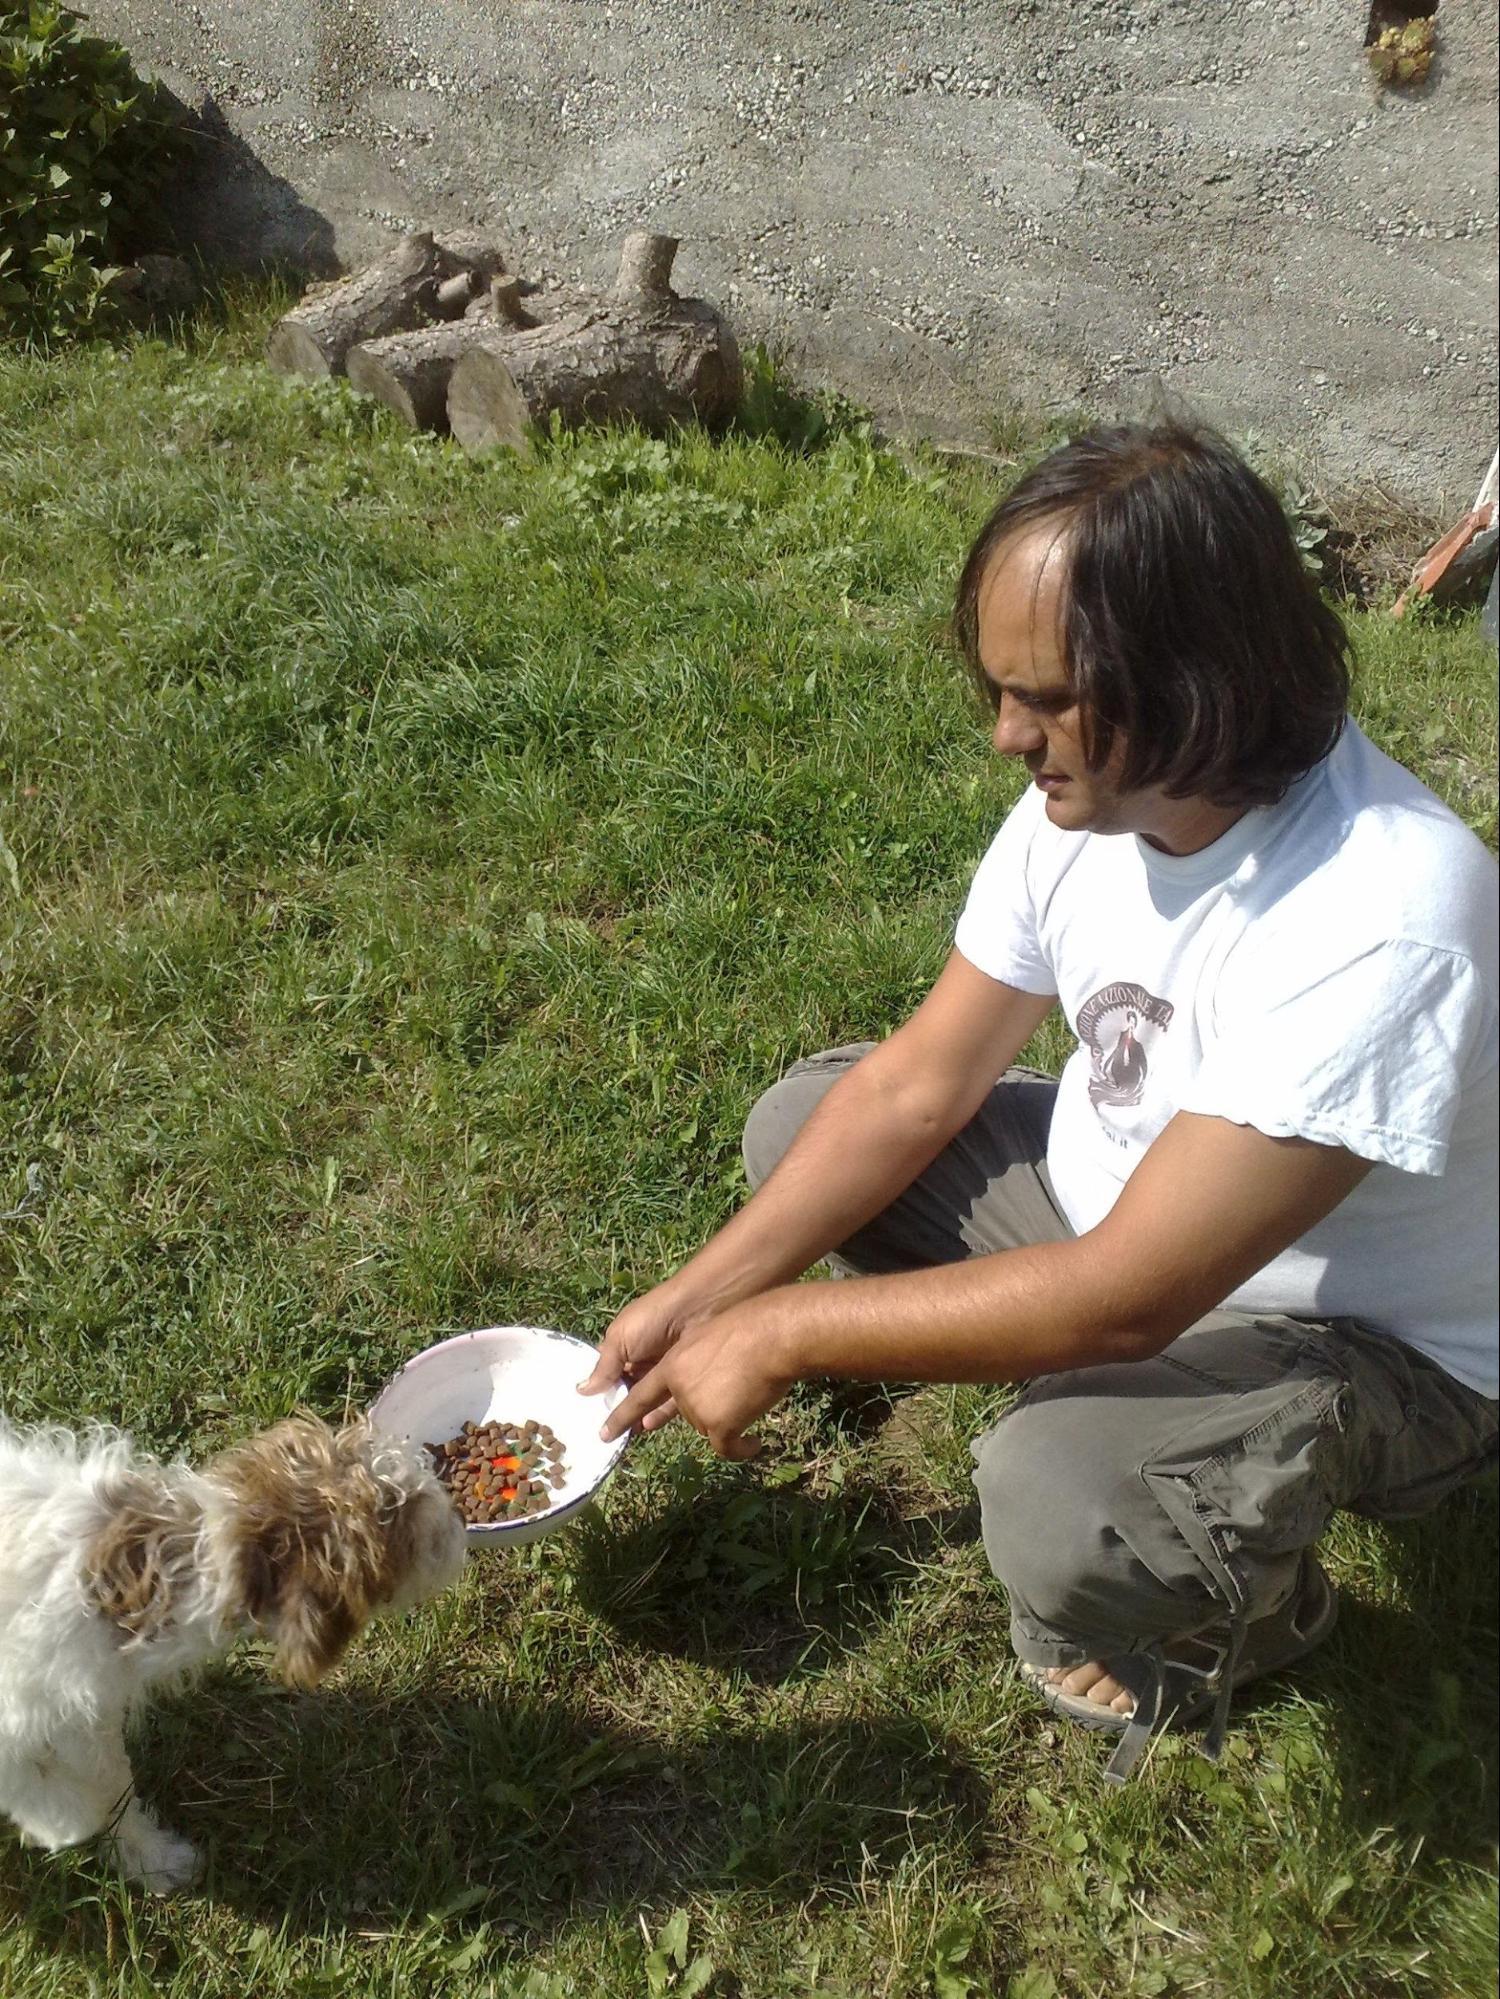 che premio dare al cane da tartufo